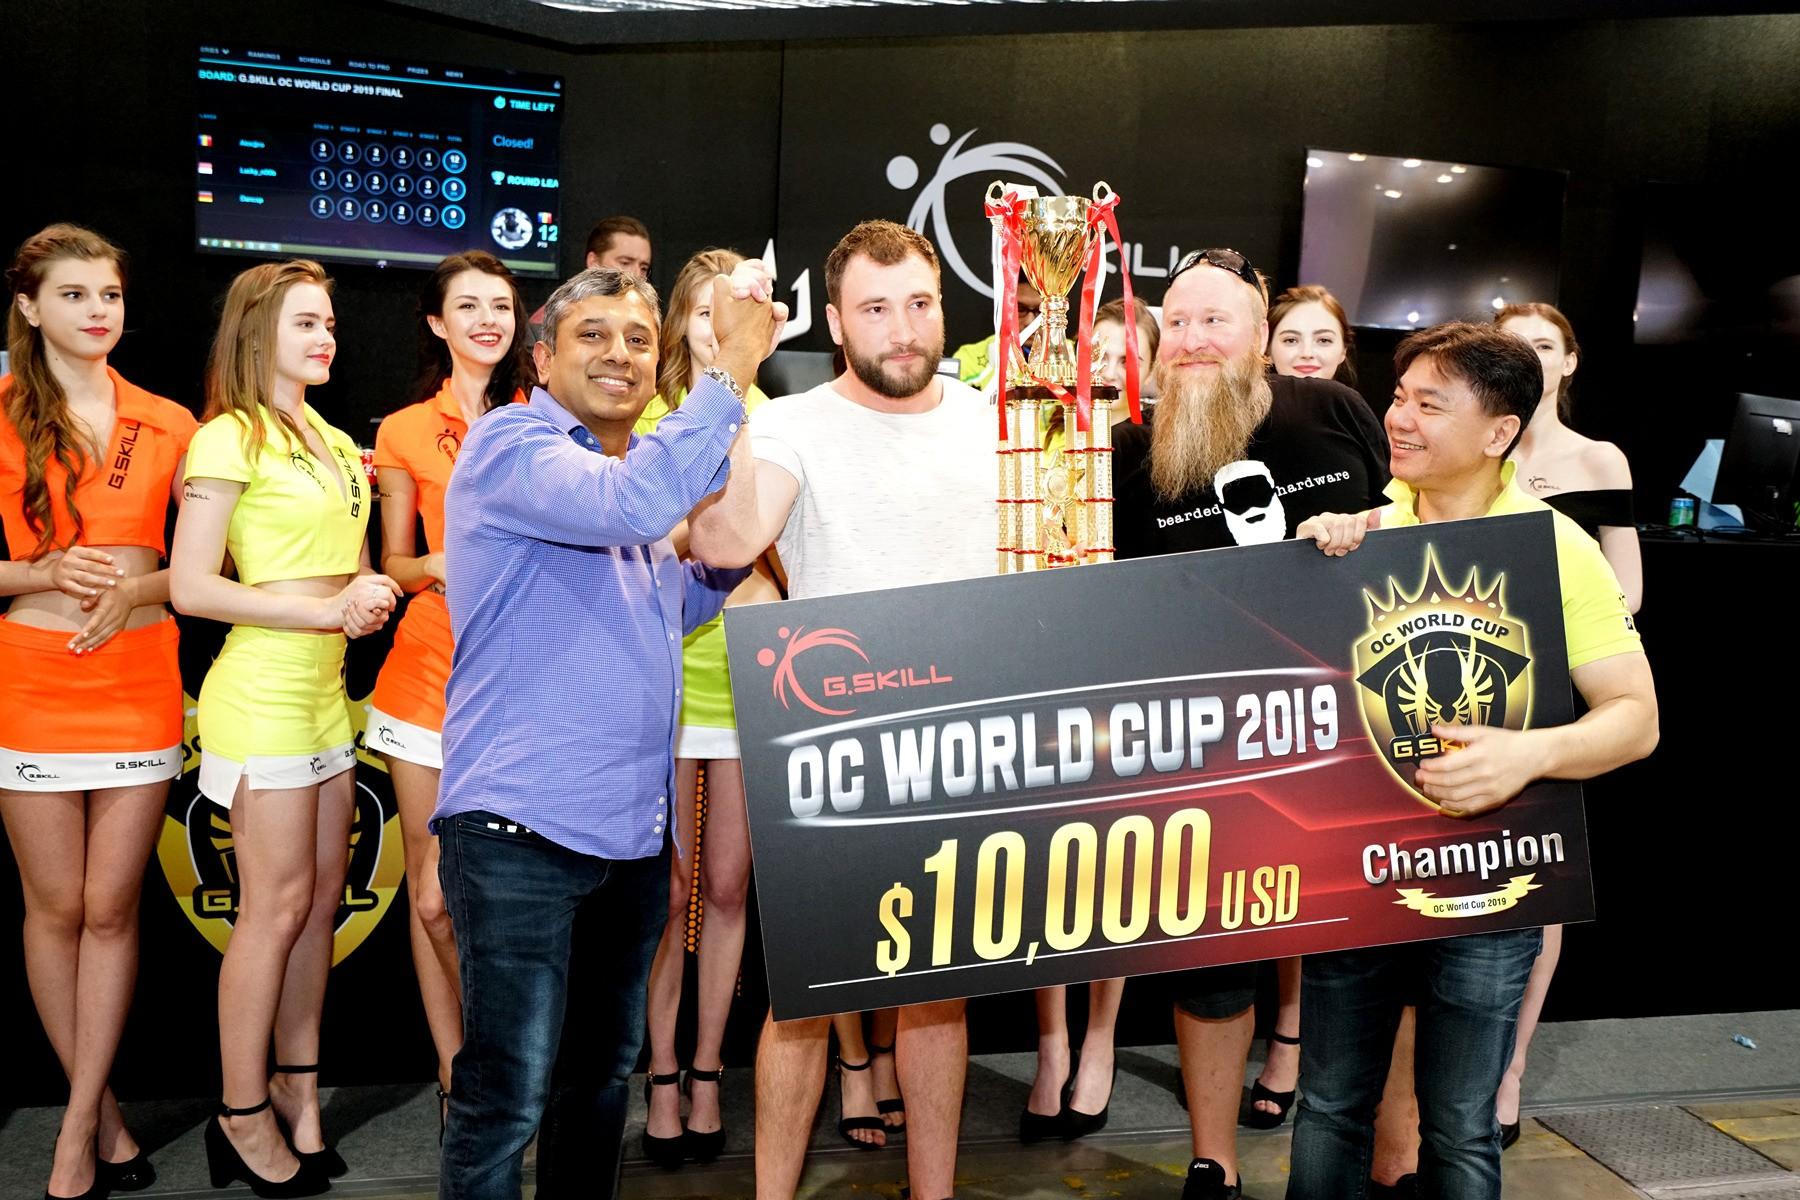 01 oc world cup champion